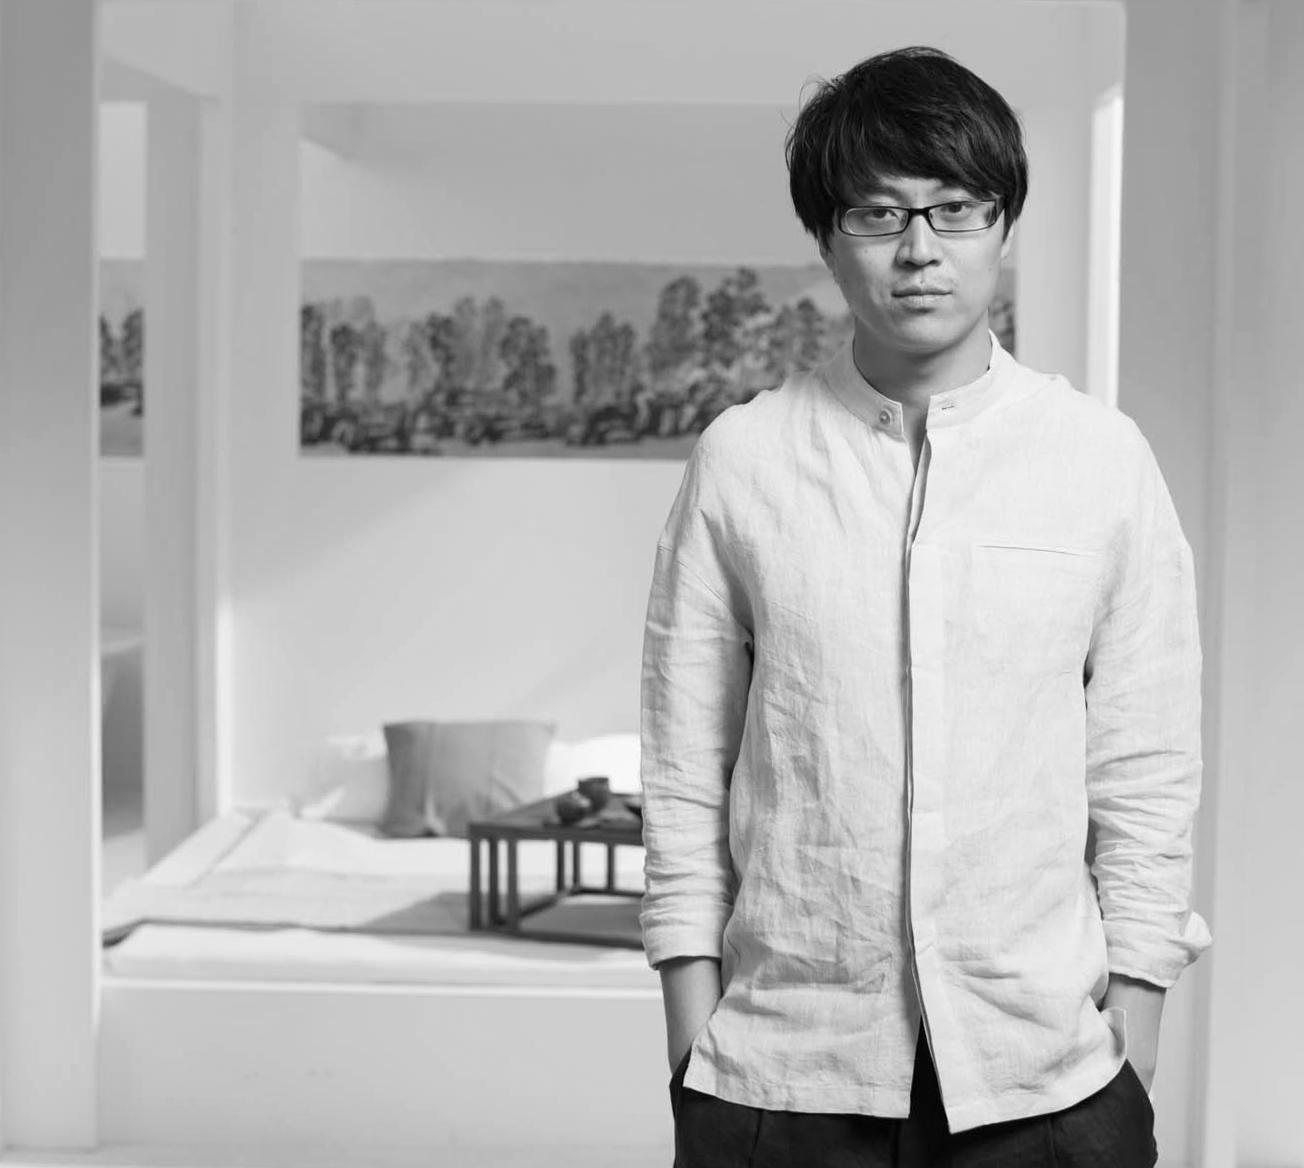 Han Wenqiang